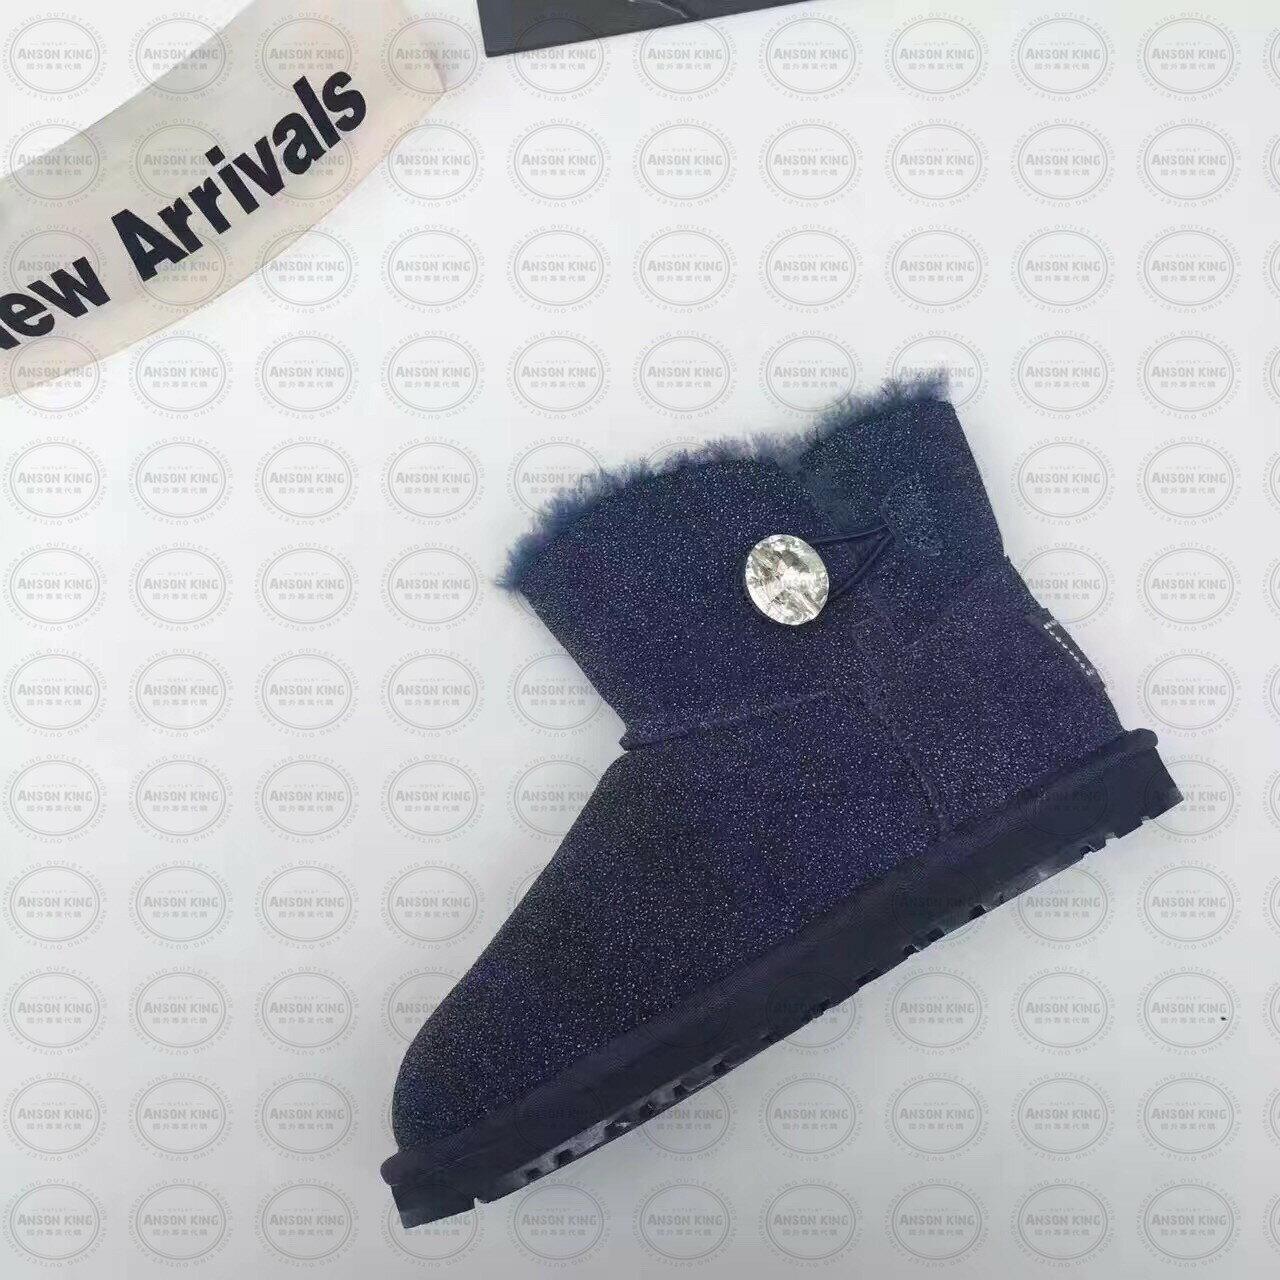 OUTLET正品代購 澳洲 UGG 明星同款水晶扣短靴 保暖 真皮羊皮毛 雪靴 短靴 藍色 3